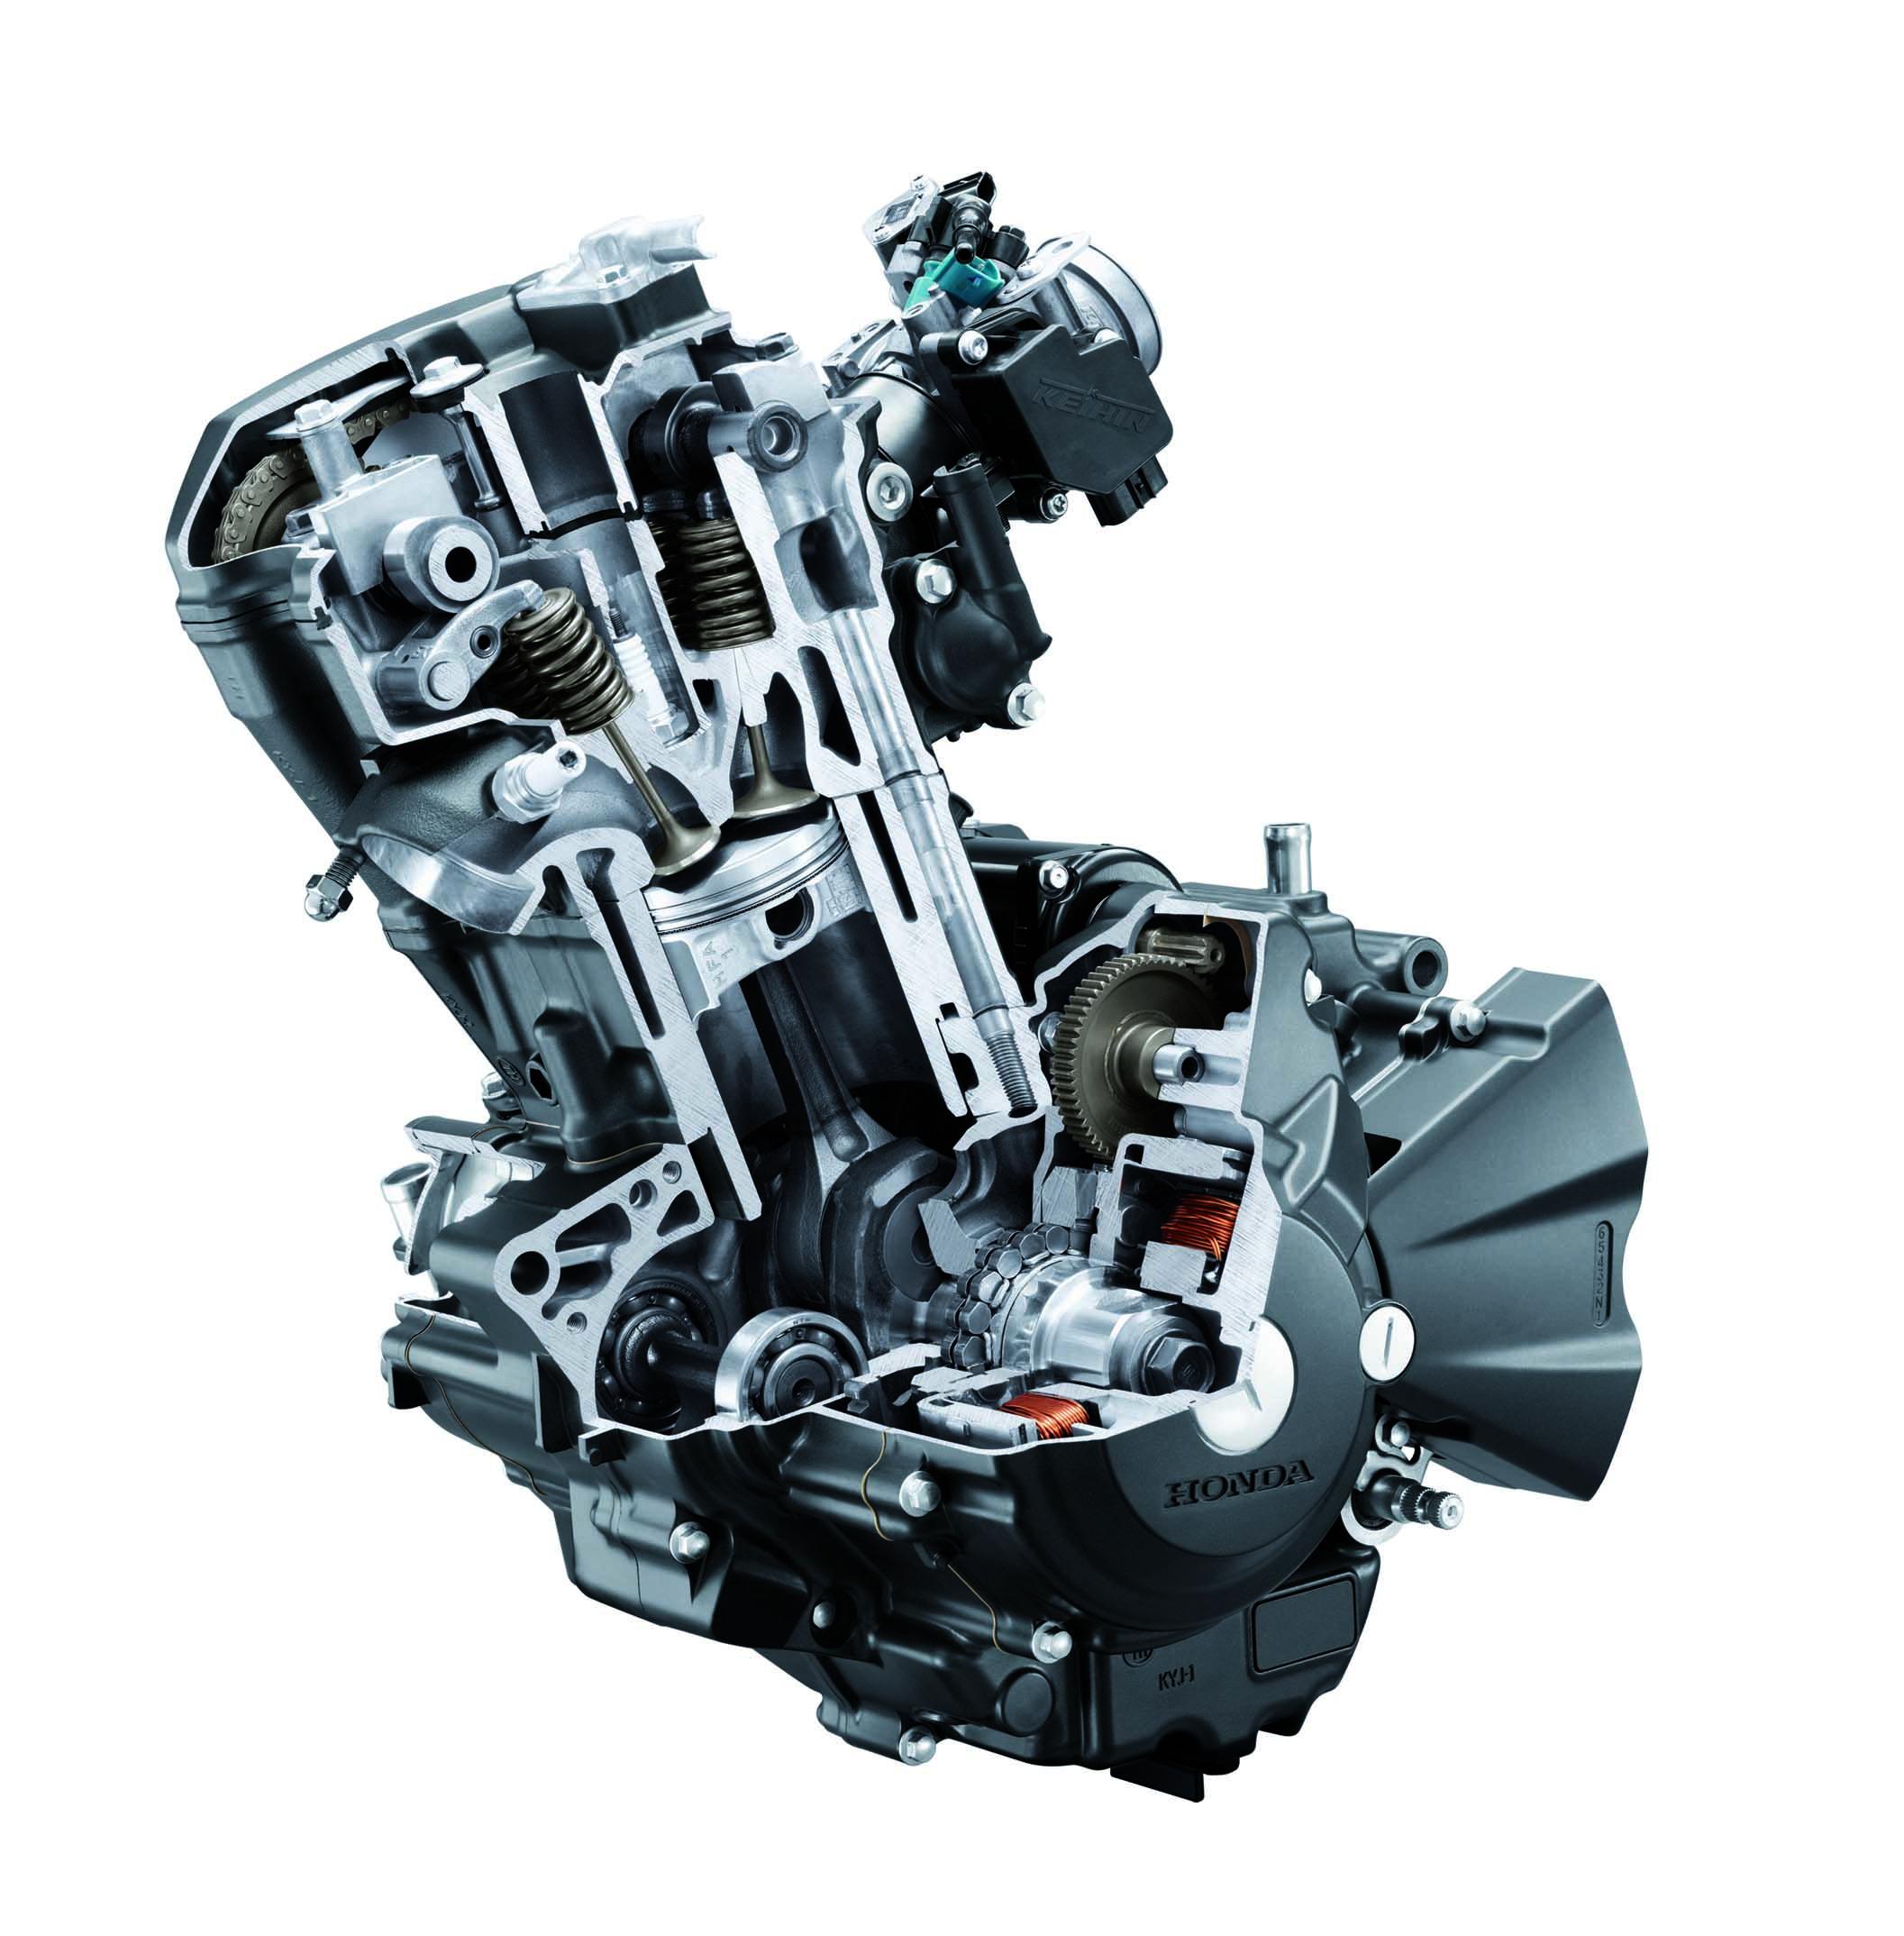 Cara Kerja Mesin Empat Langkah Pada Sepeda Motor Totalotomotif Com